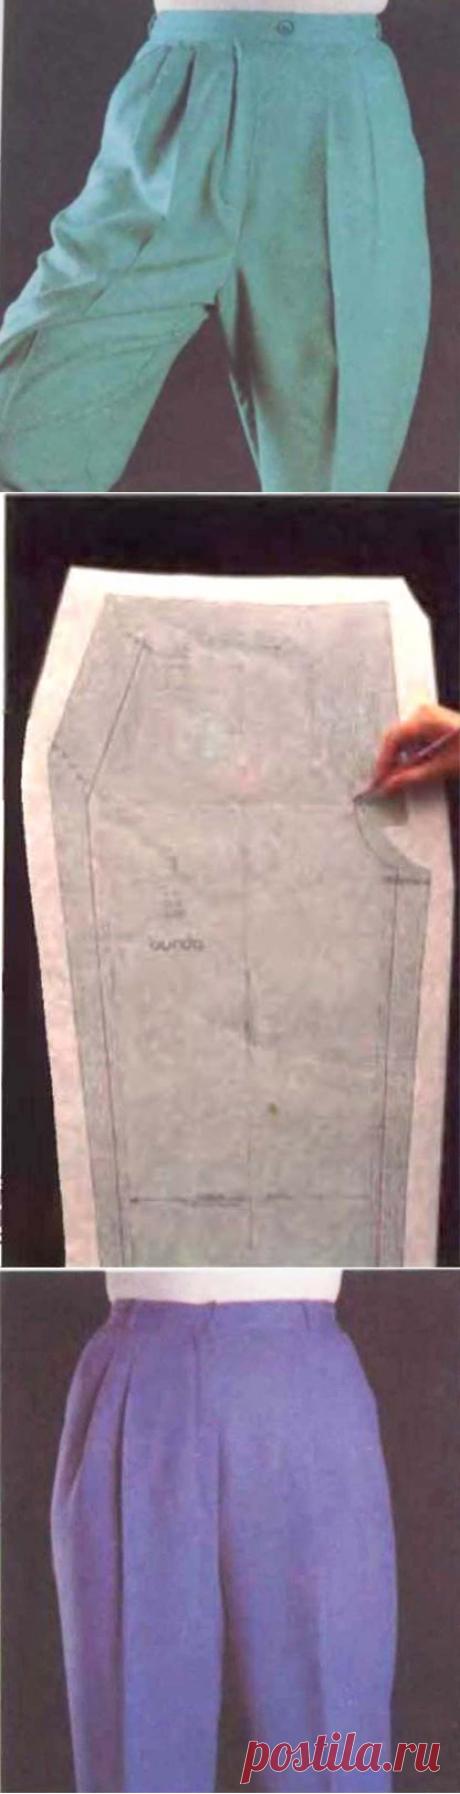 """Как исправить выкройку, когда брюки плохо сидят. Советы от компании """"Зингер"""""""